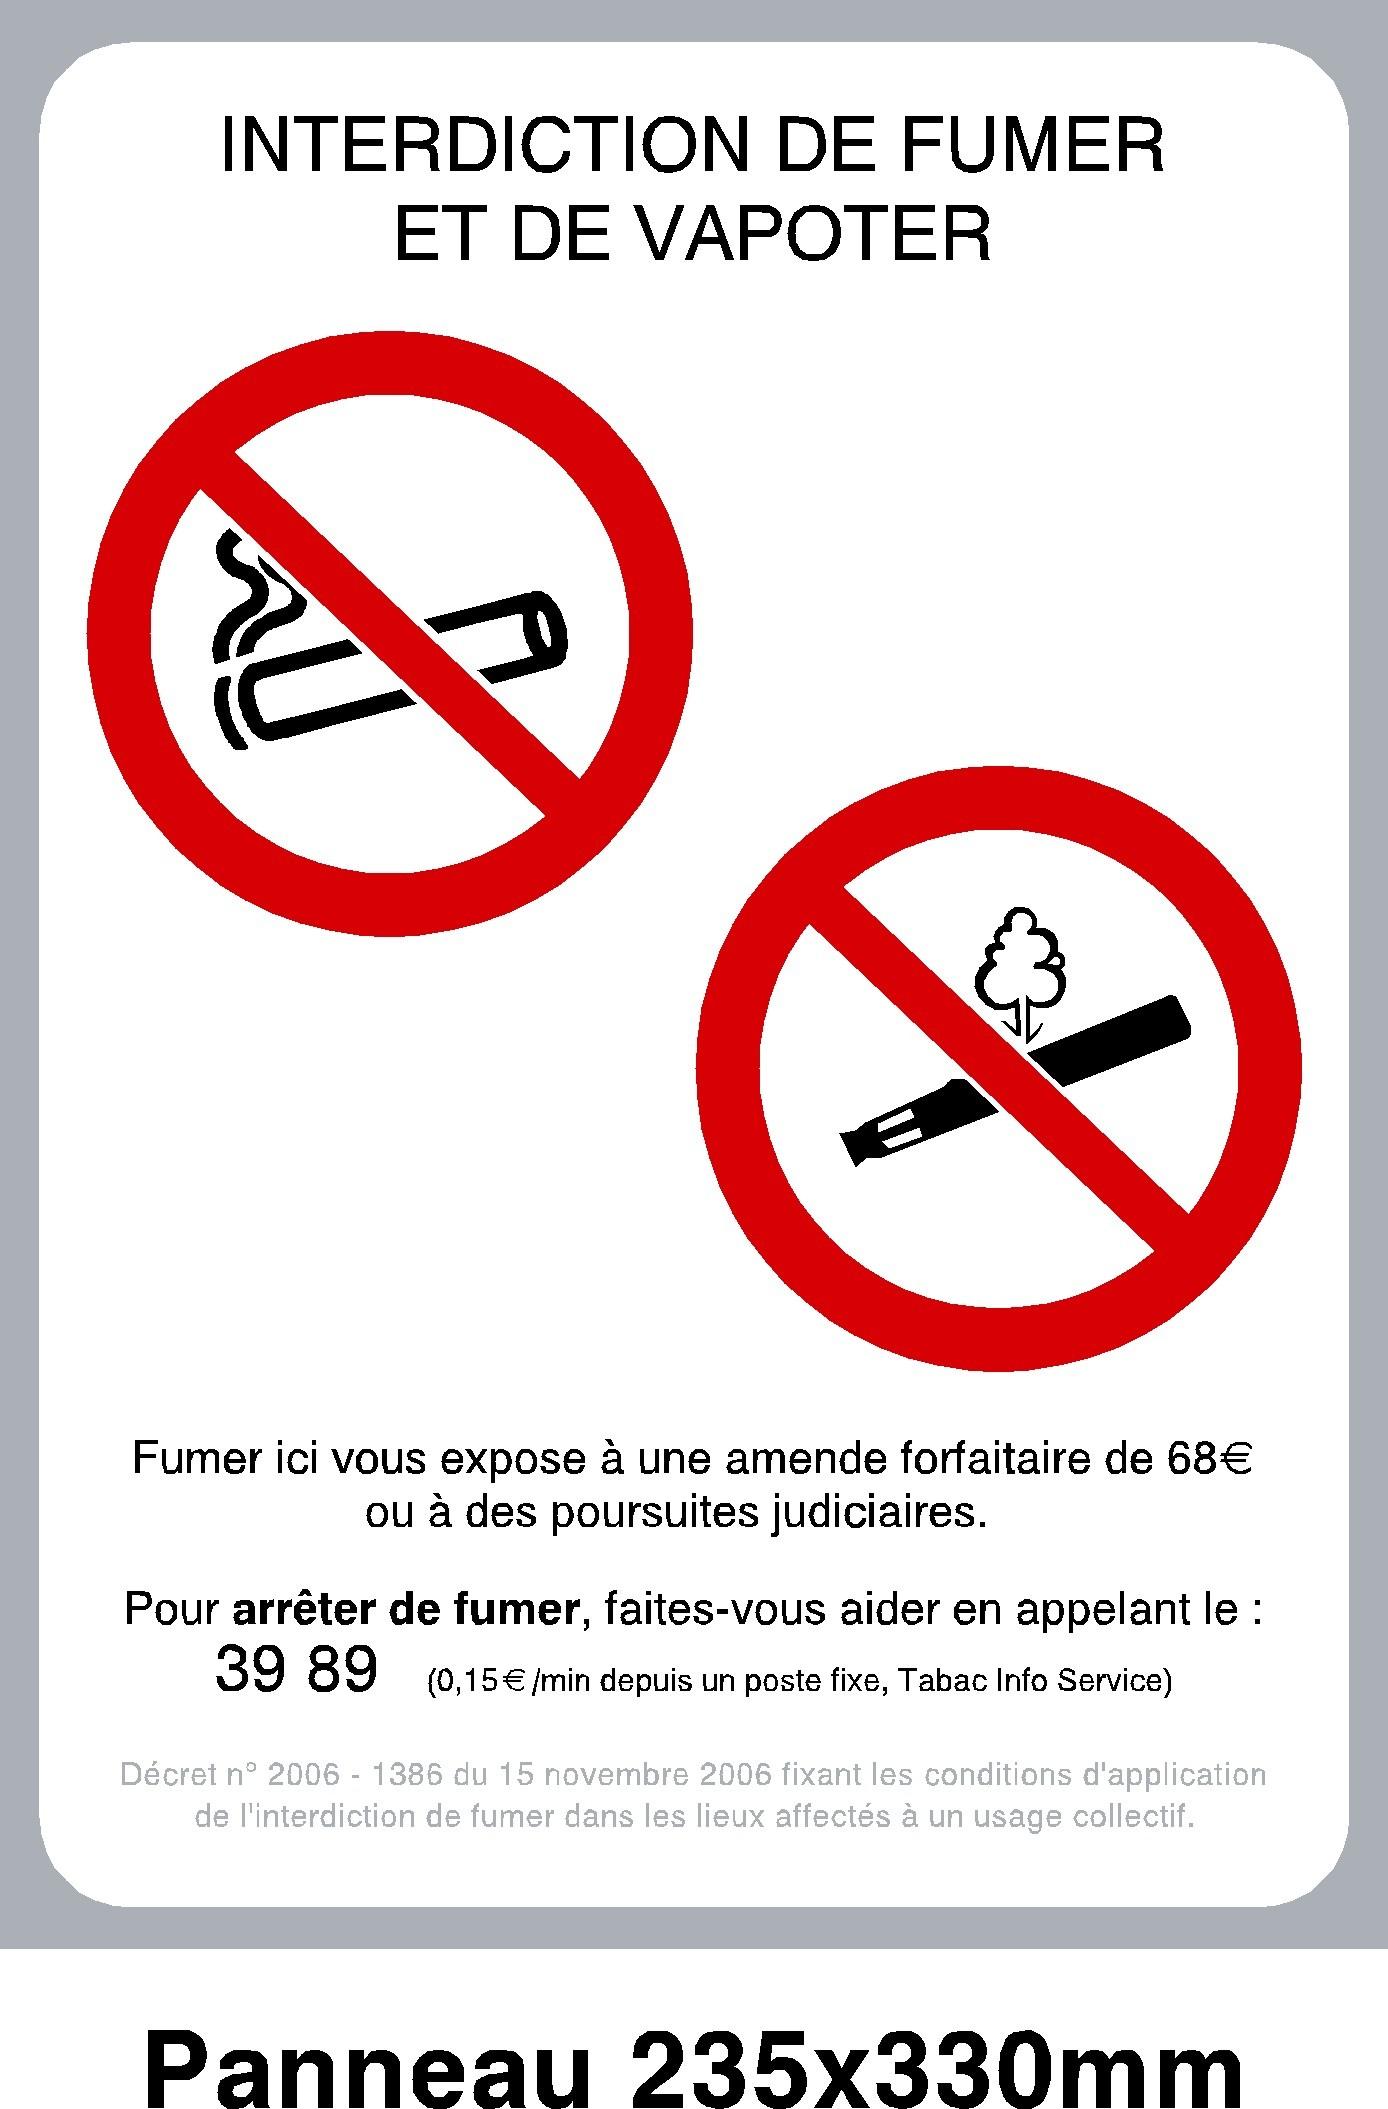 Cigarette électronique : cherchez-vous des explications à propos de cette invention ?